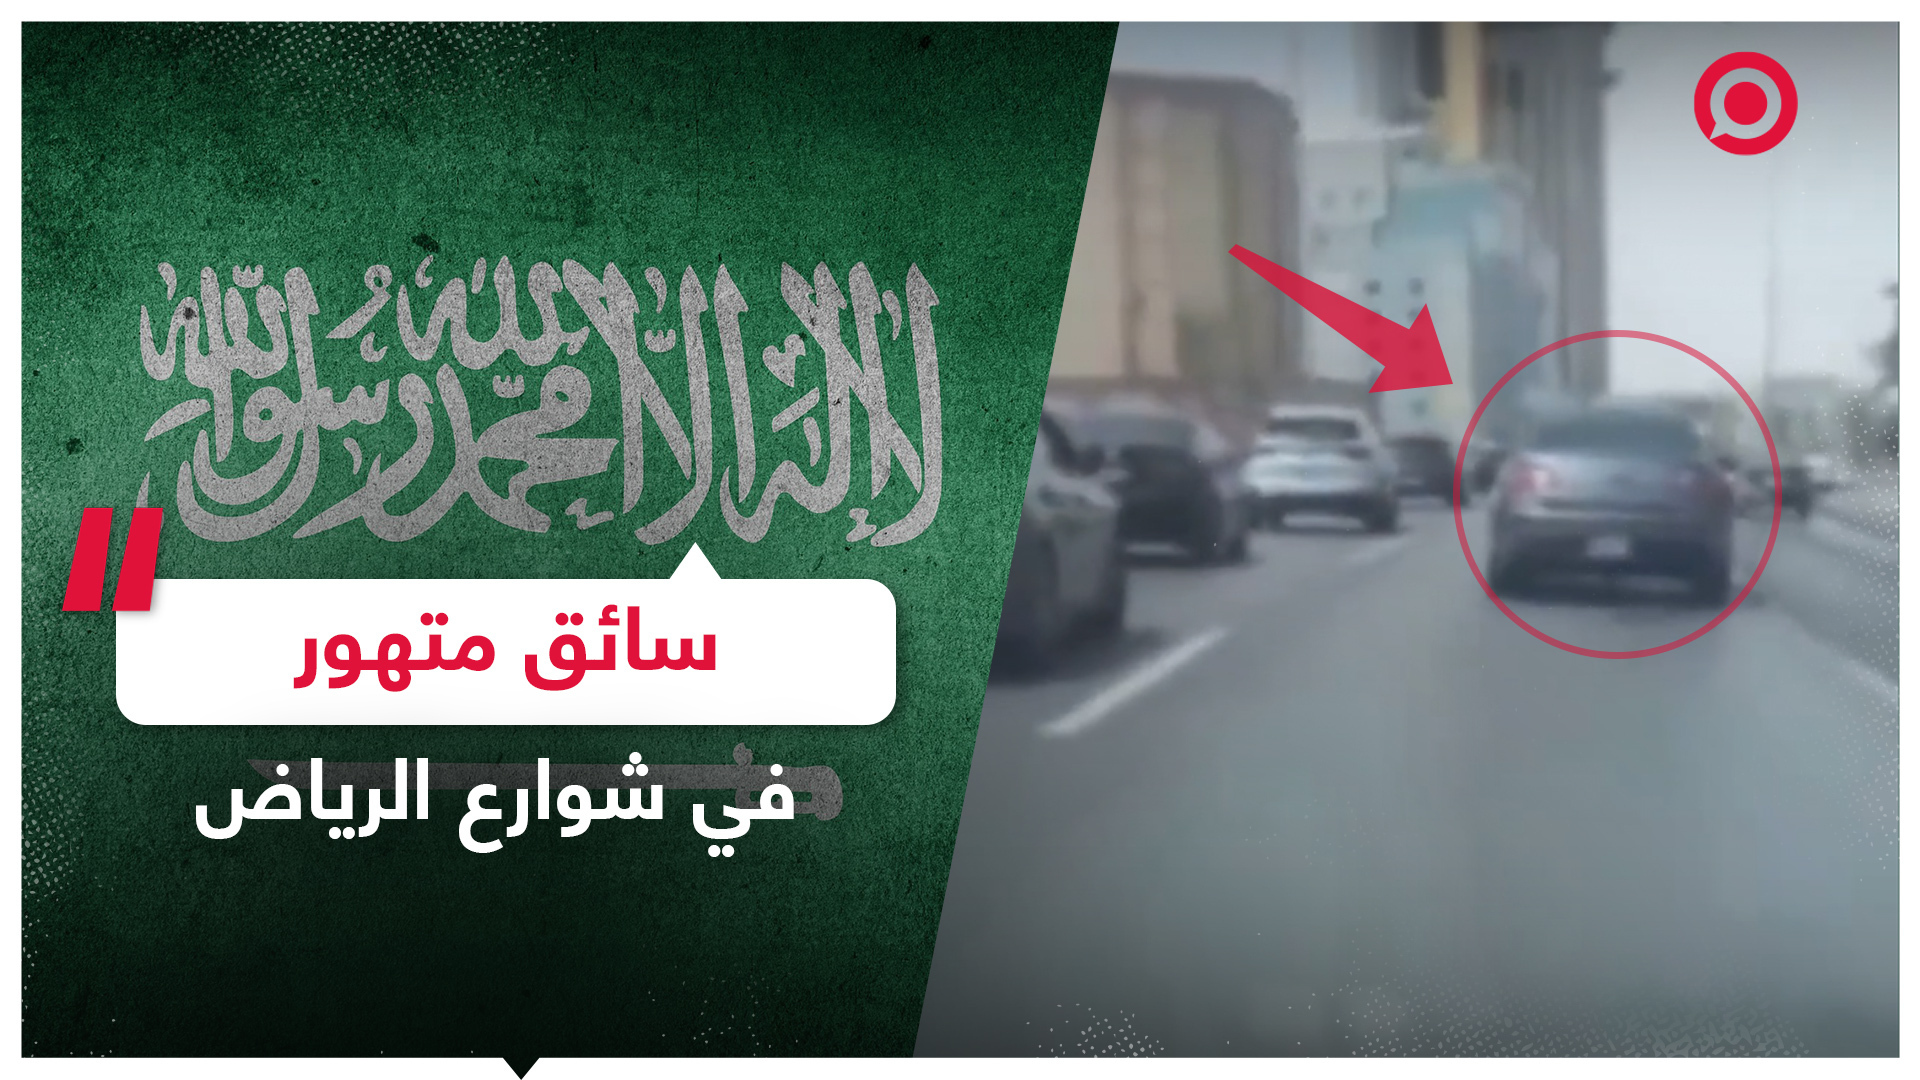 الشرطة السعودية تلقي القبض على سائق متهور